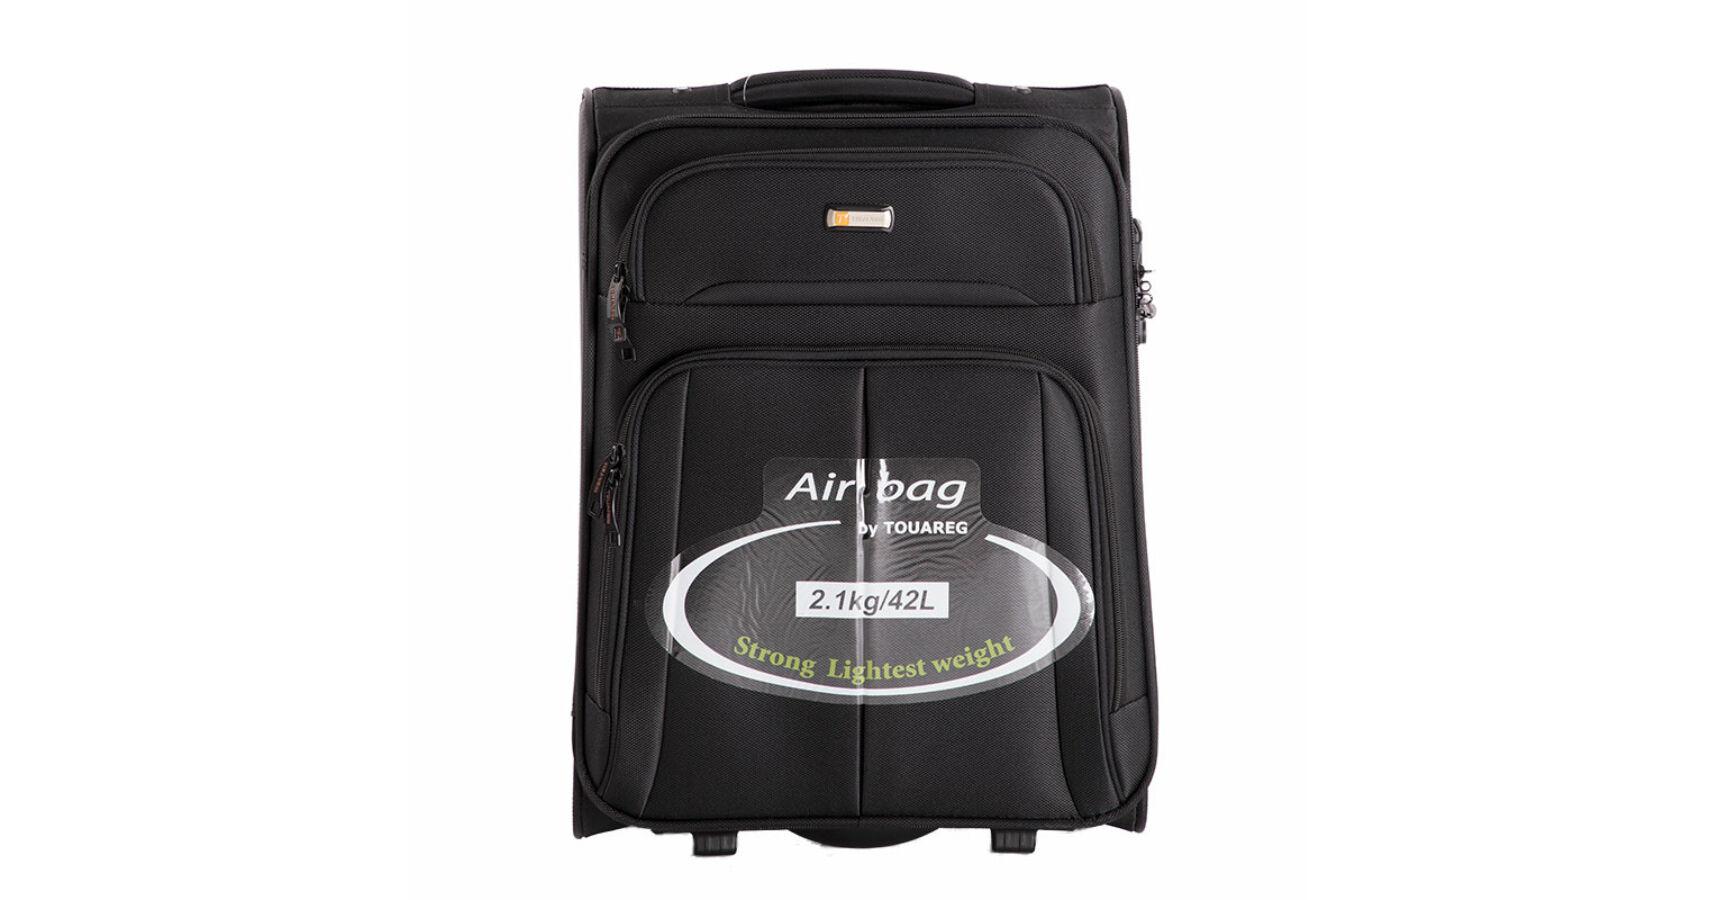 721fe6c7897e ... RYANAIR méret - Wizzair méretű bőröndök 55 x 40 x 23 cm elsőbbségi  beszálással felvihető - Etáska - minőségi táska webáruház hatalmas  választékkal